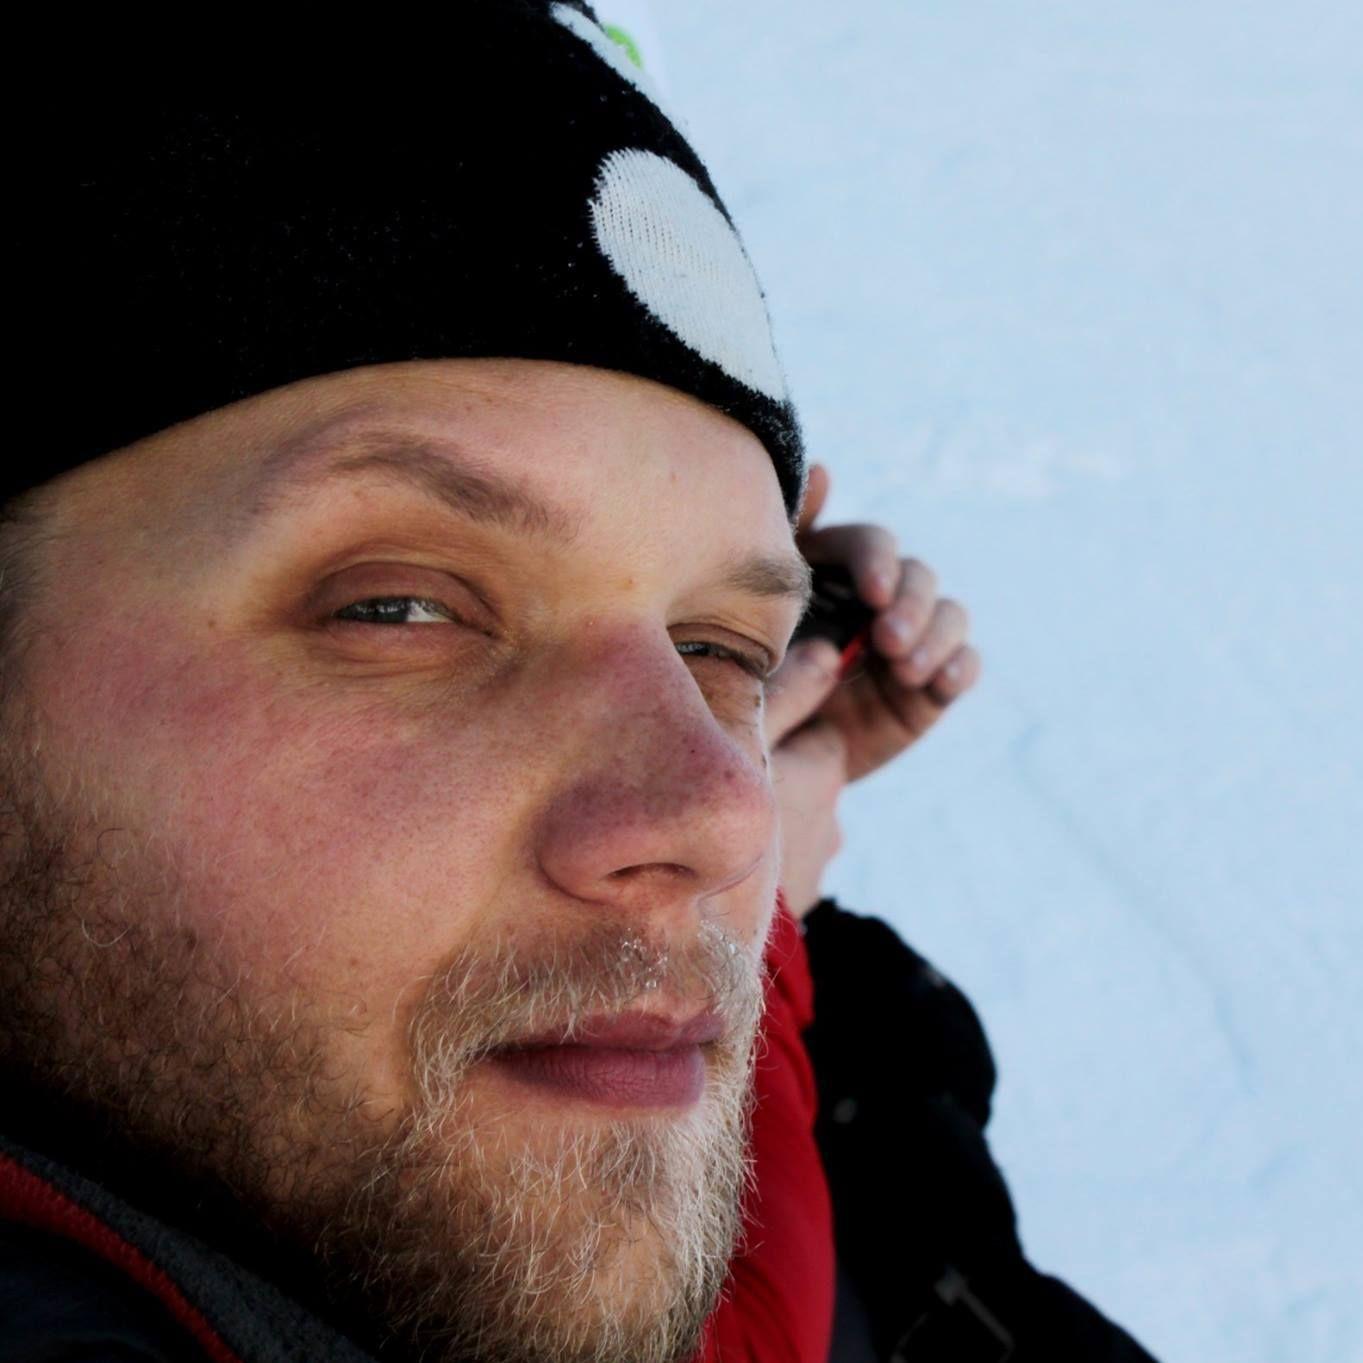 Jan Prochazka